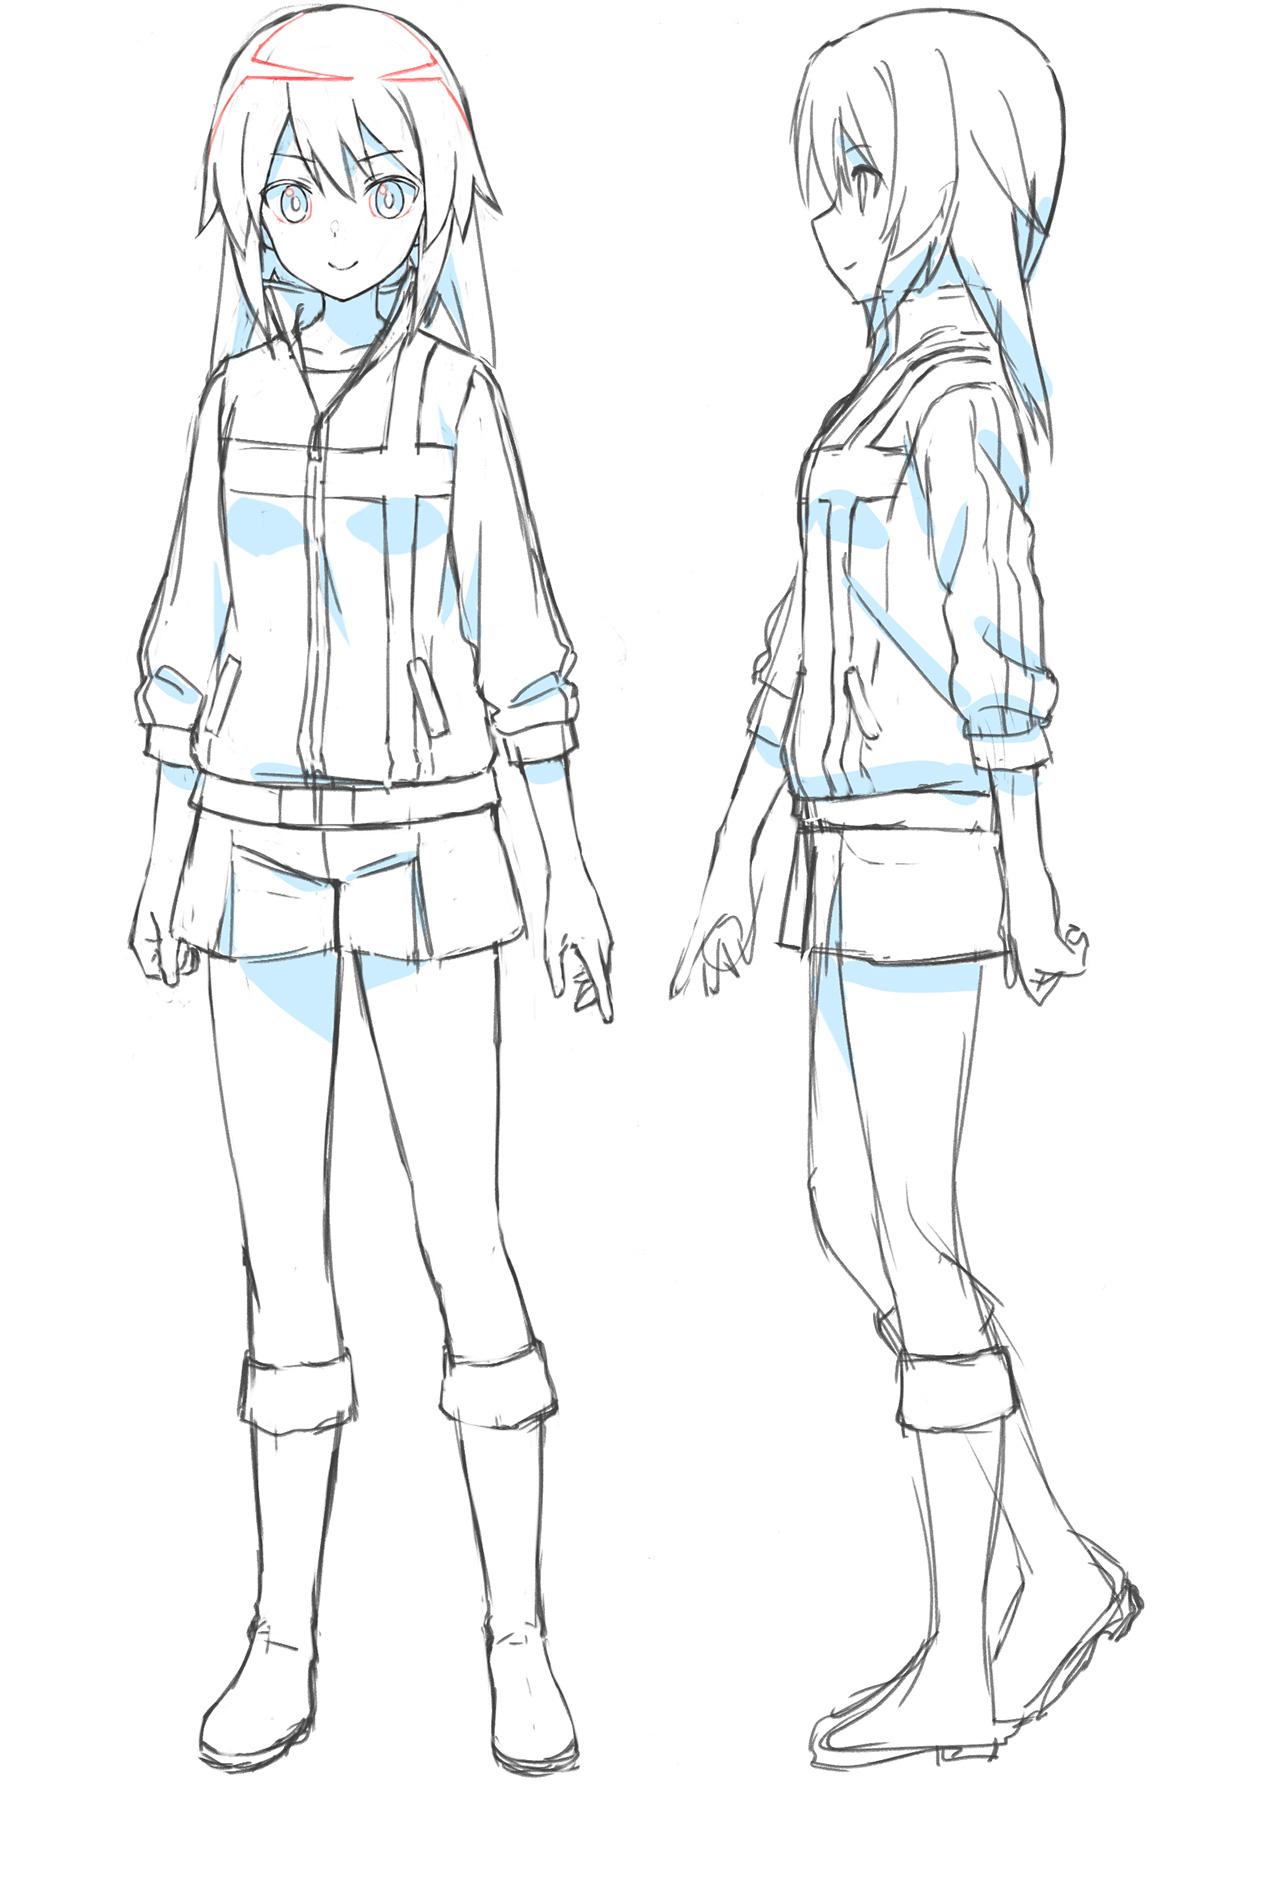 Un escenario de personajes de Yotsuyu Hirasaka, uno de los personajes principales del próximo Alice Gear Aegis OAV.